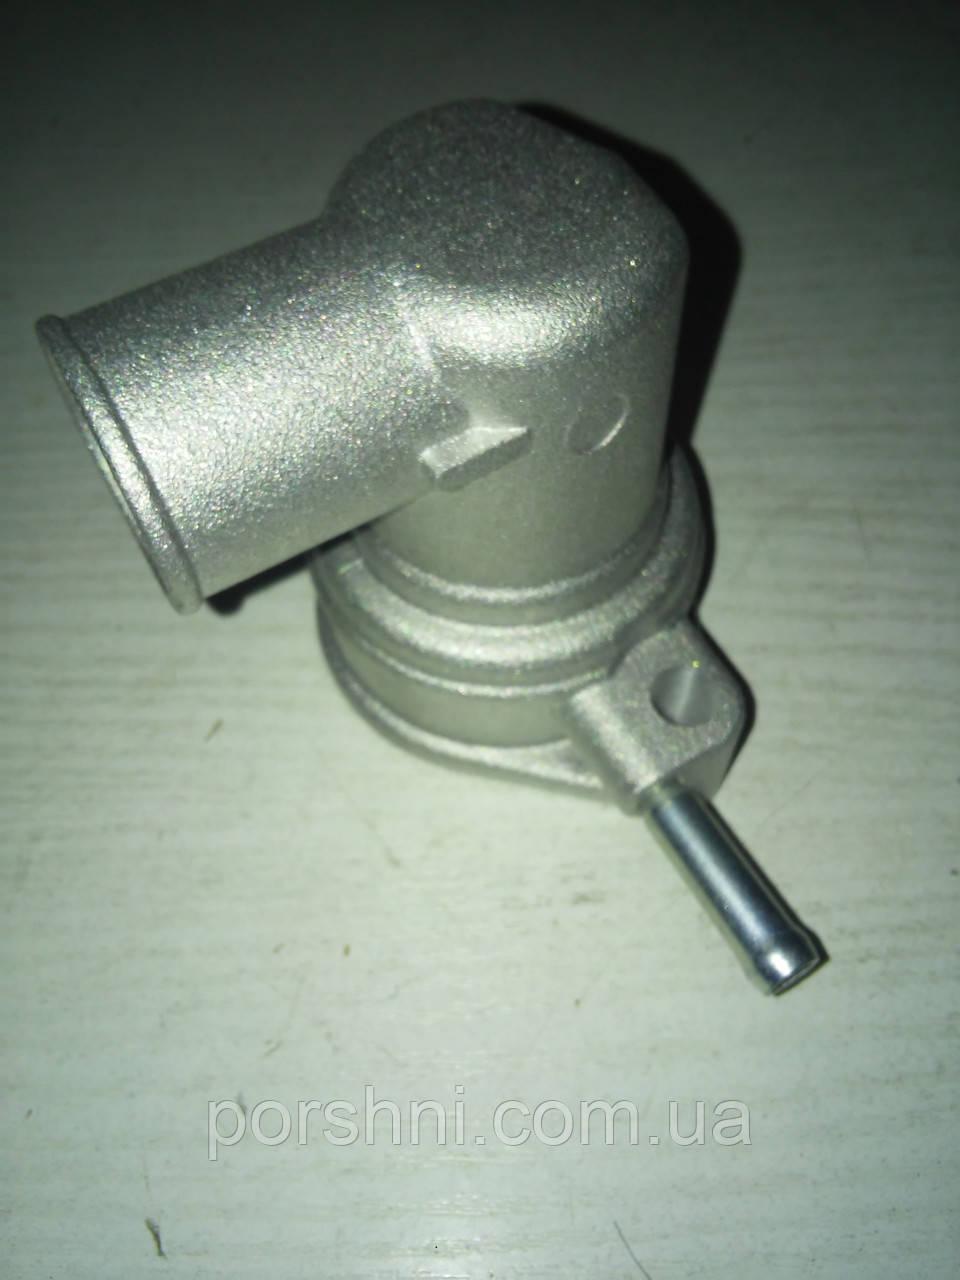 Корпус  термостата Форд Сиерра Скорпио  ОНС   с отводом  DP - T026.  N: 6117379